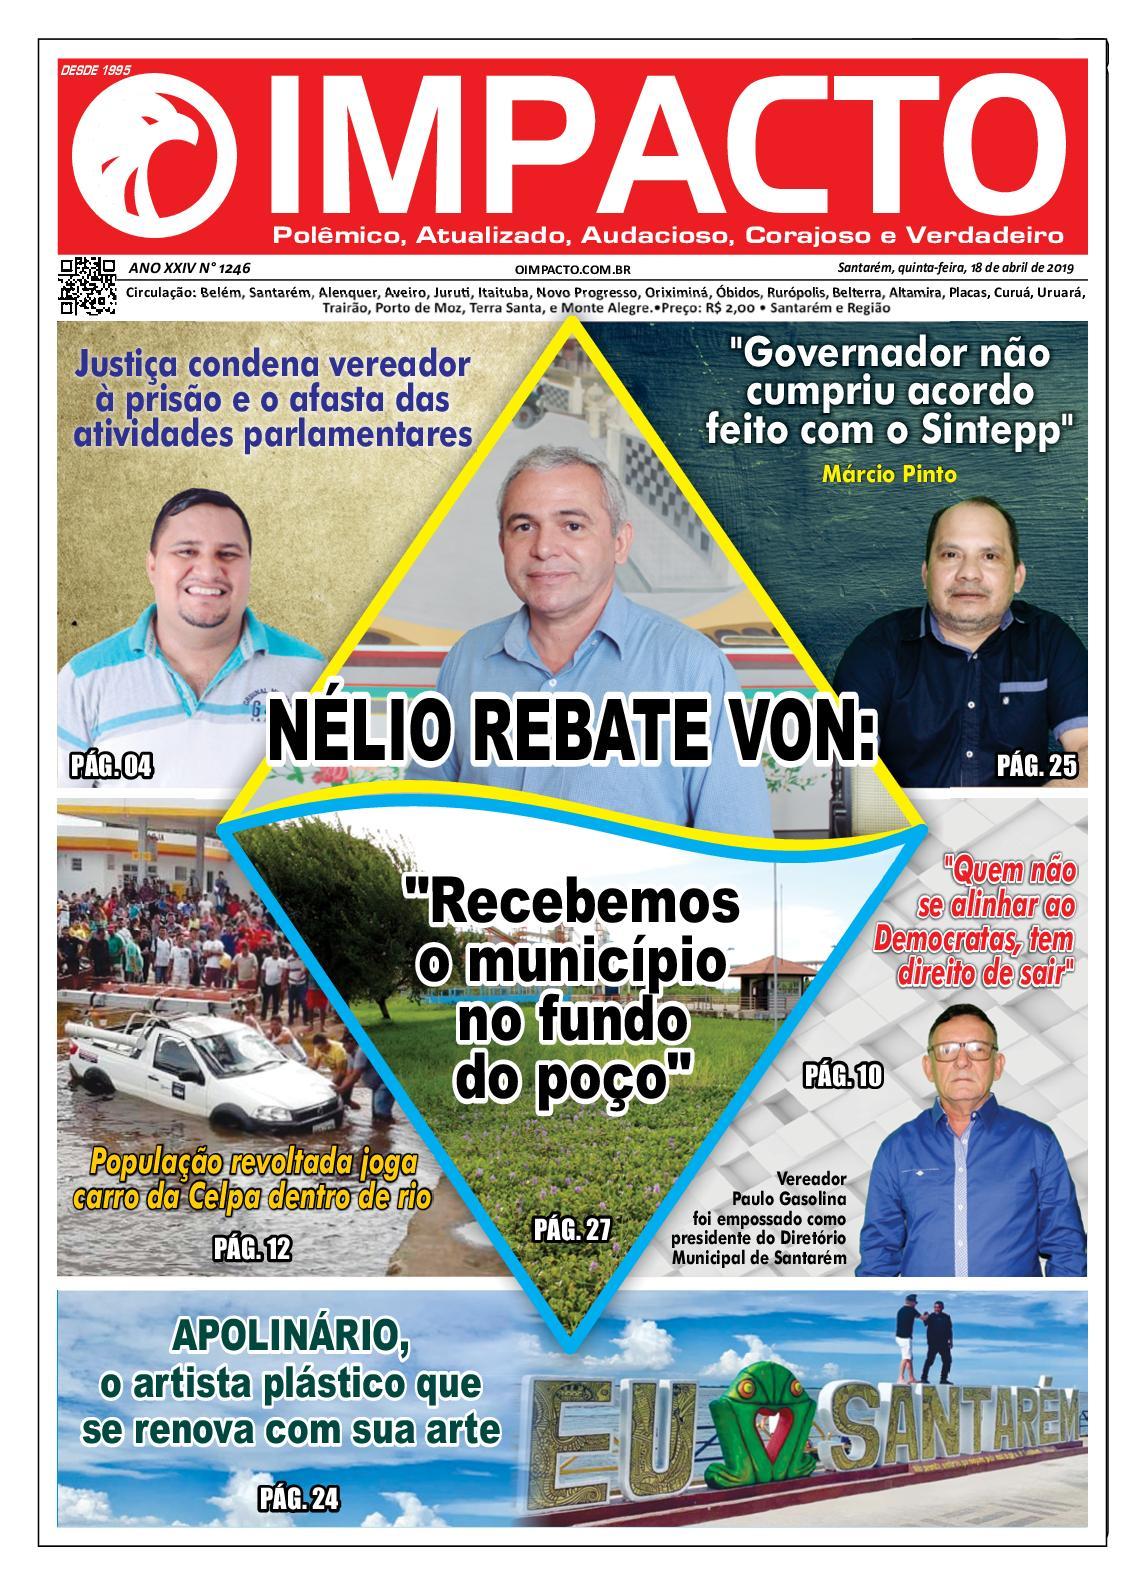 BAIXAR CALVARIO COR CD DO A FONSECA ROBSON